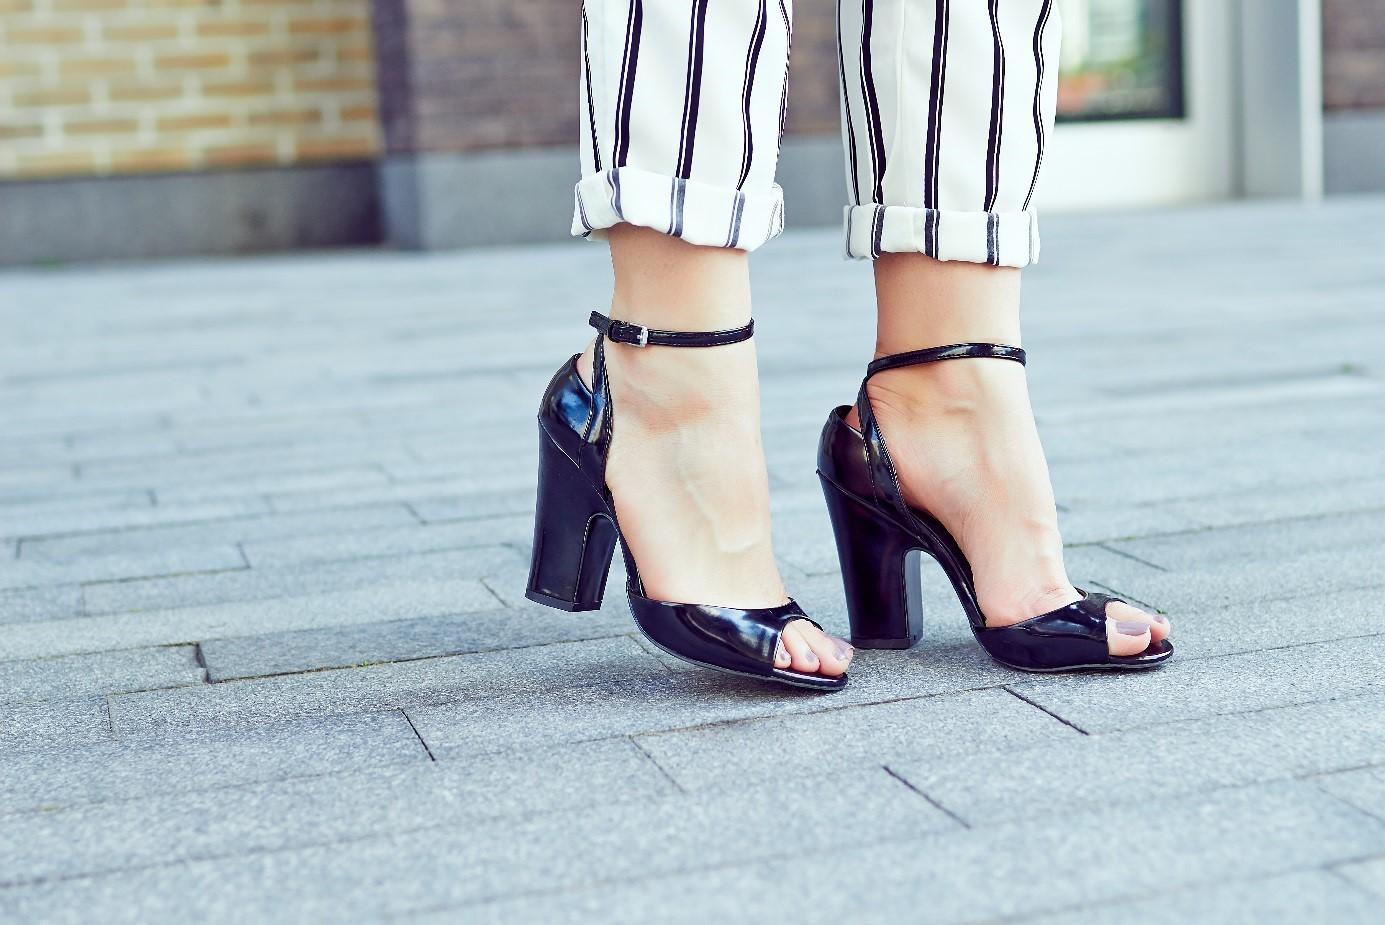 Brides de sandales noires